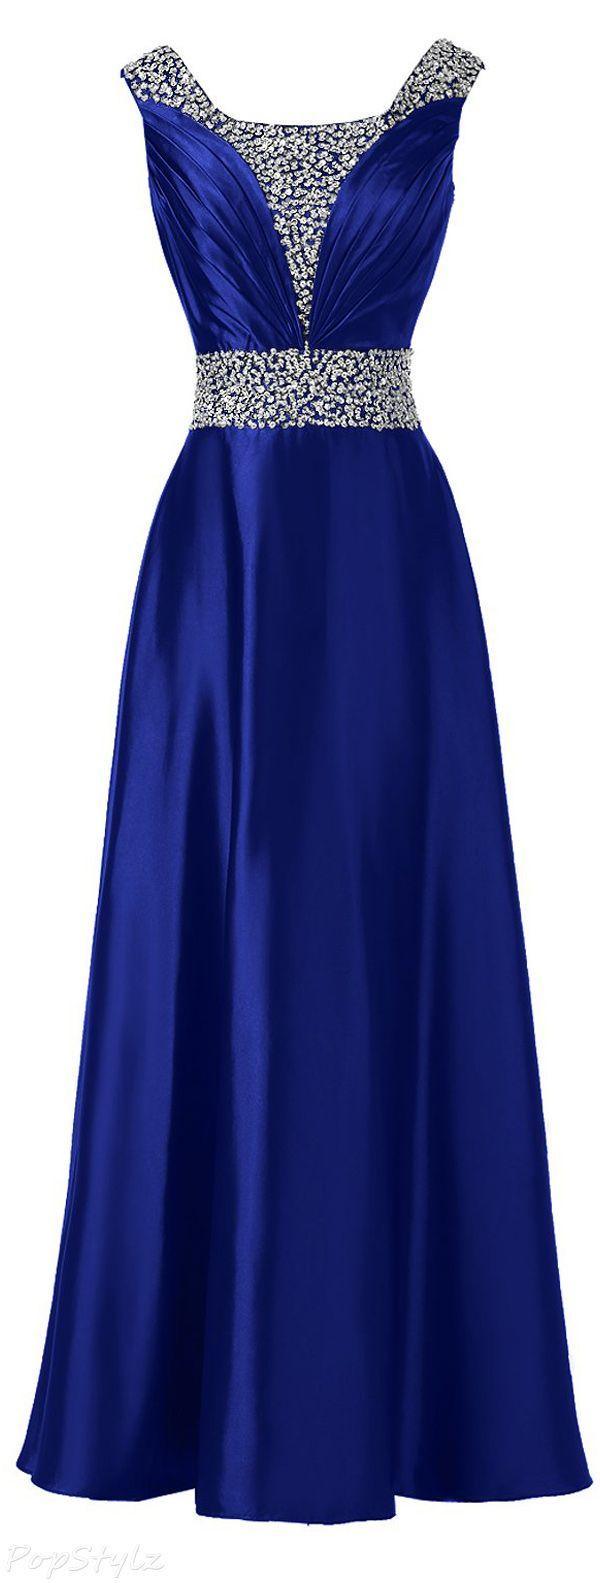 Vestido de noche | modelo vestidos fiesta | Pinterest | Vestidos de ...